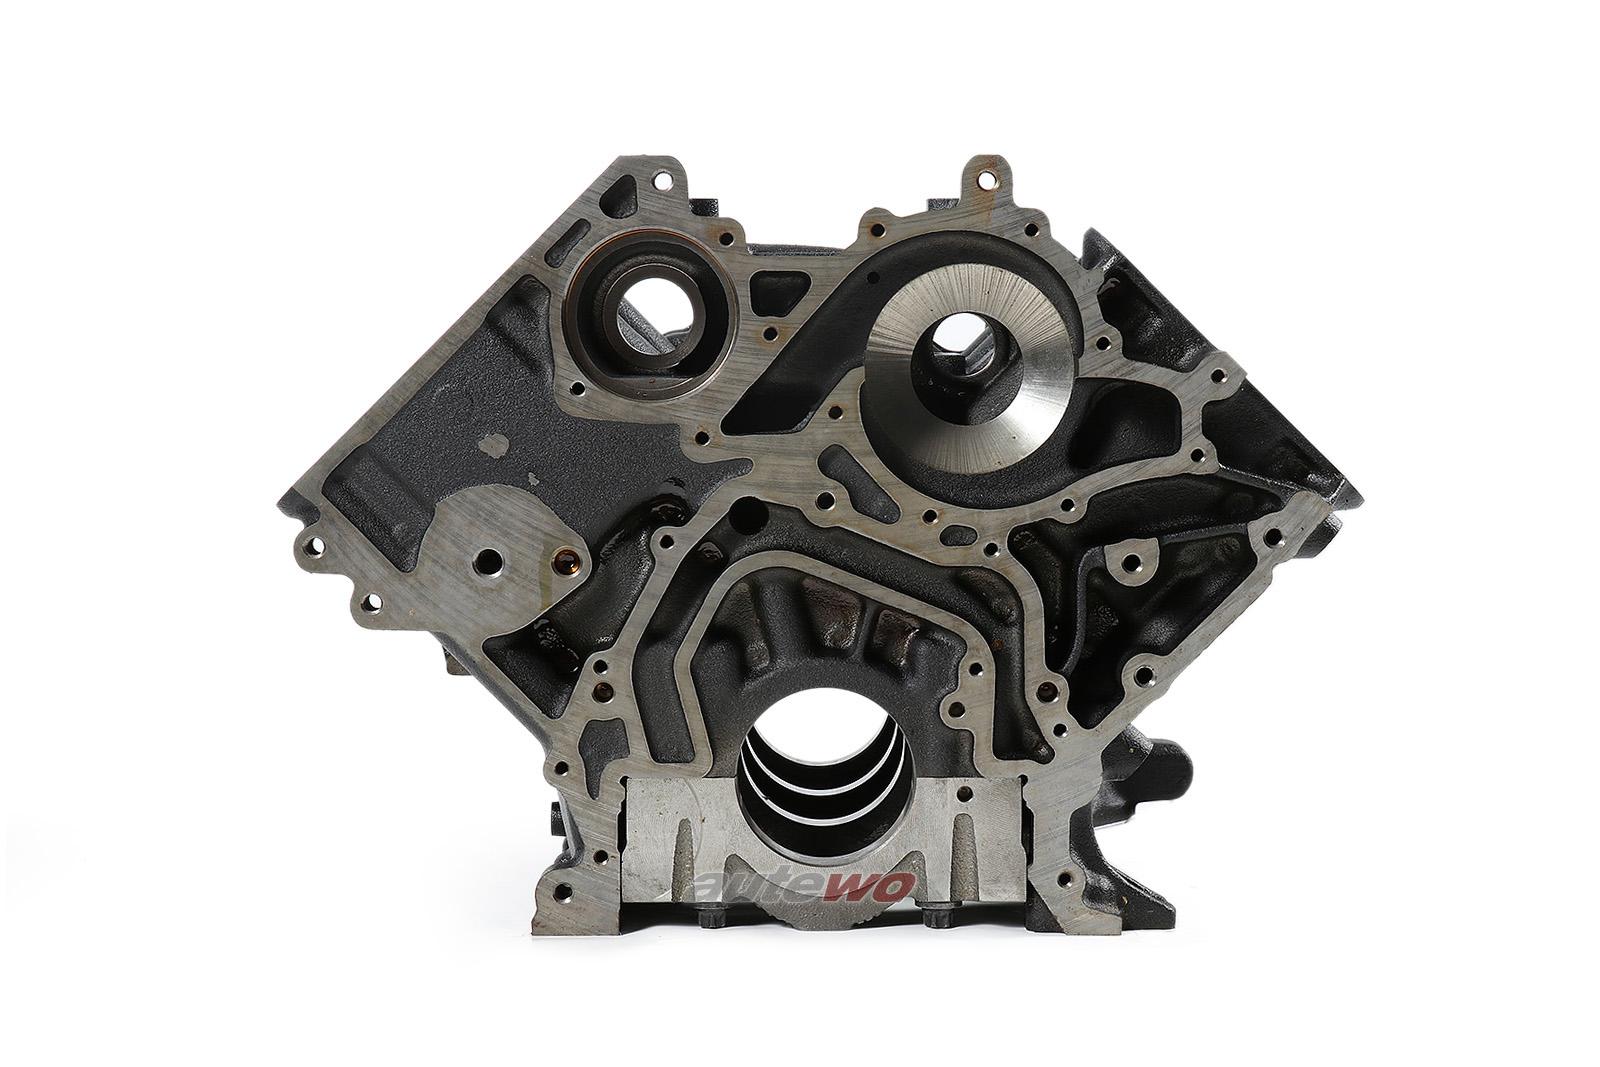 078103101AK NEU Audi 80 89 Cabrio/A4 B5 2.6l 6 Zylinder ABC Motorblock + Kolben